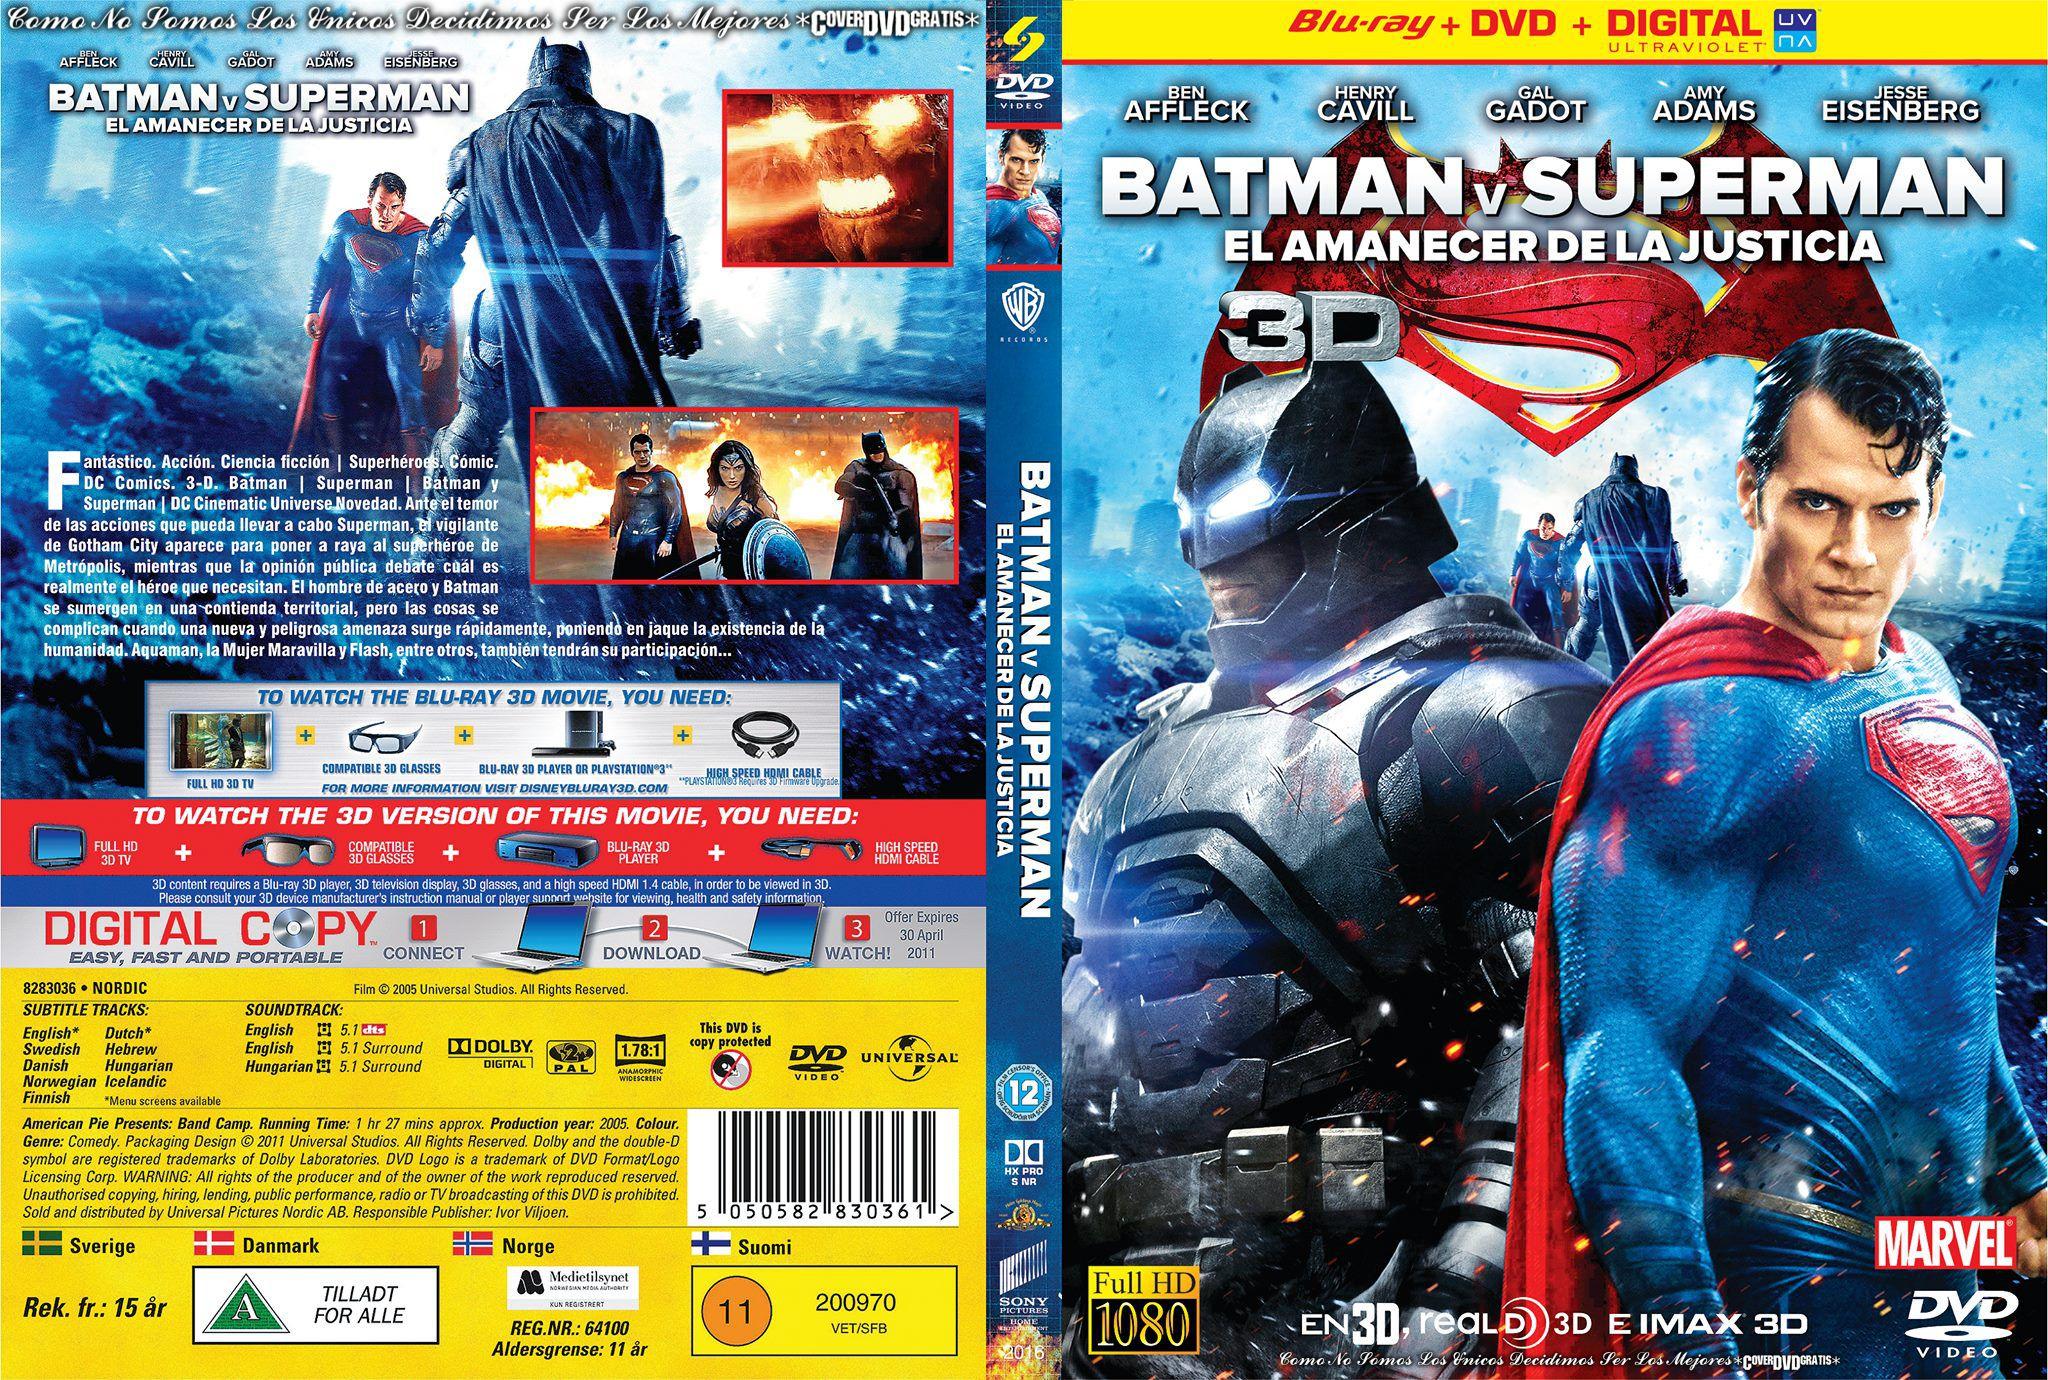 batman vs superman games free download